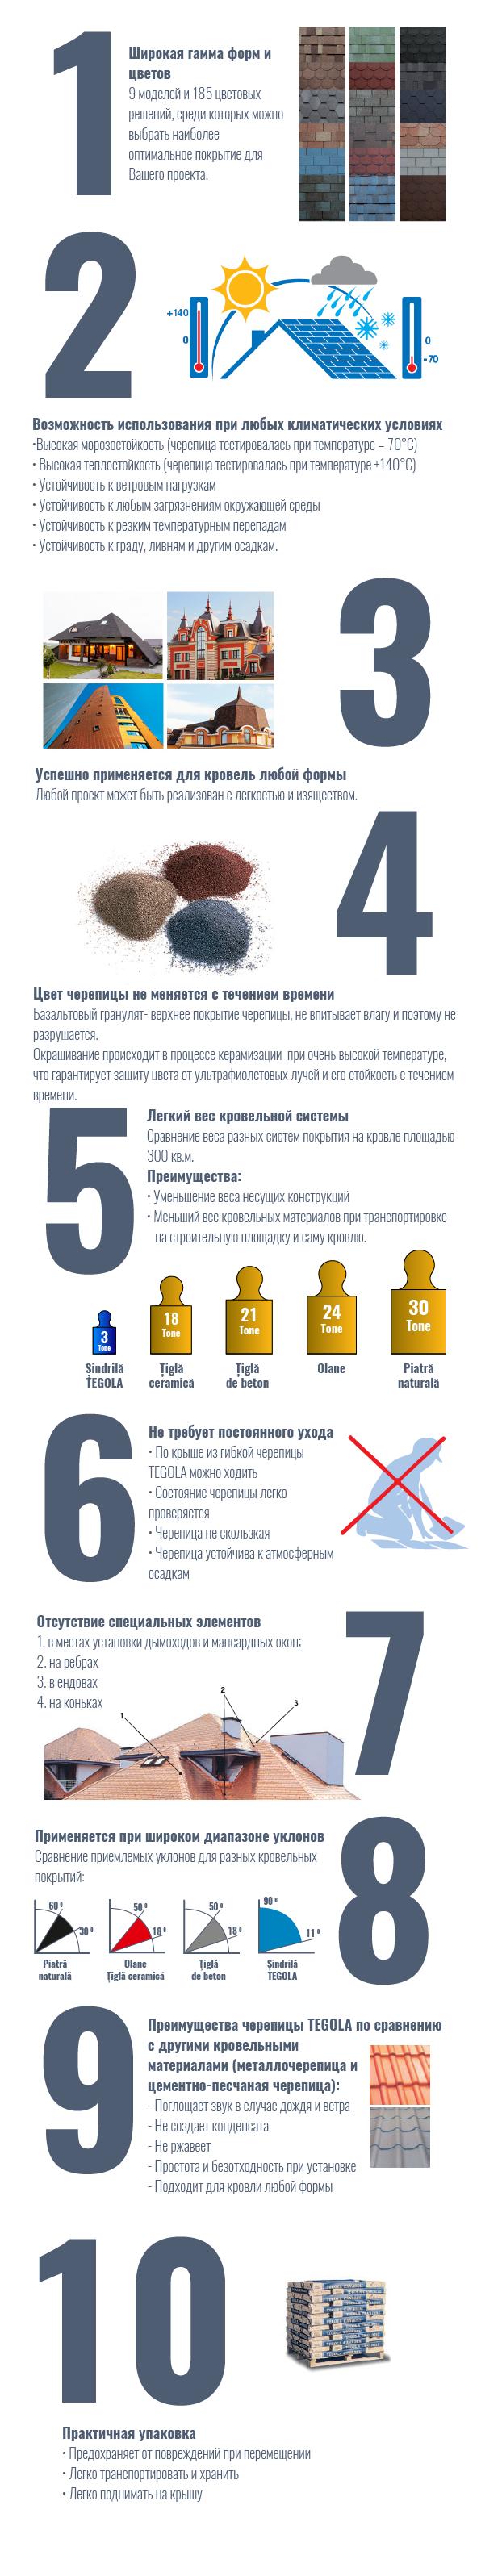 Avantaj_toate — Rus